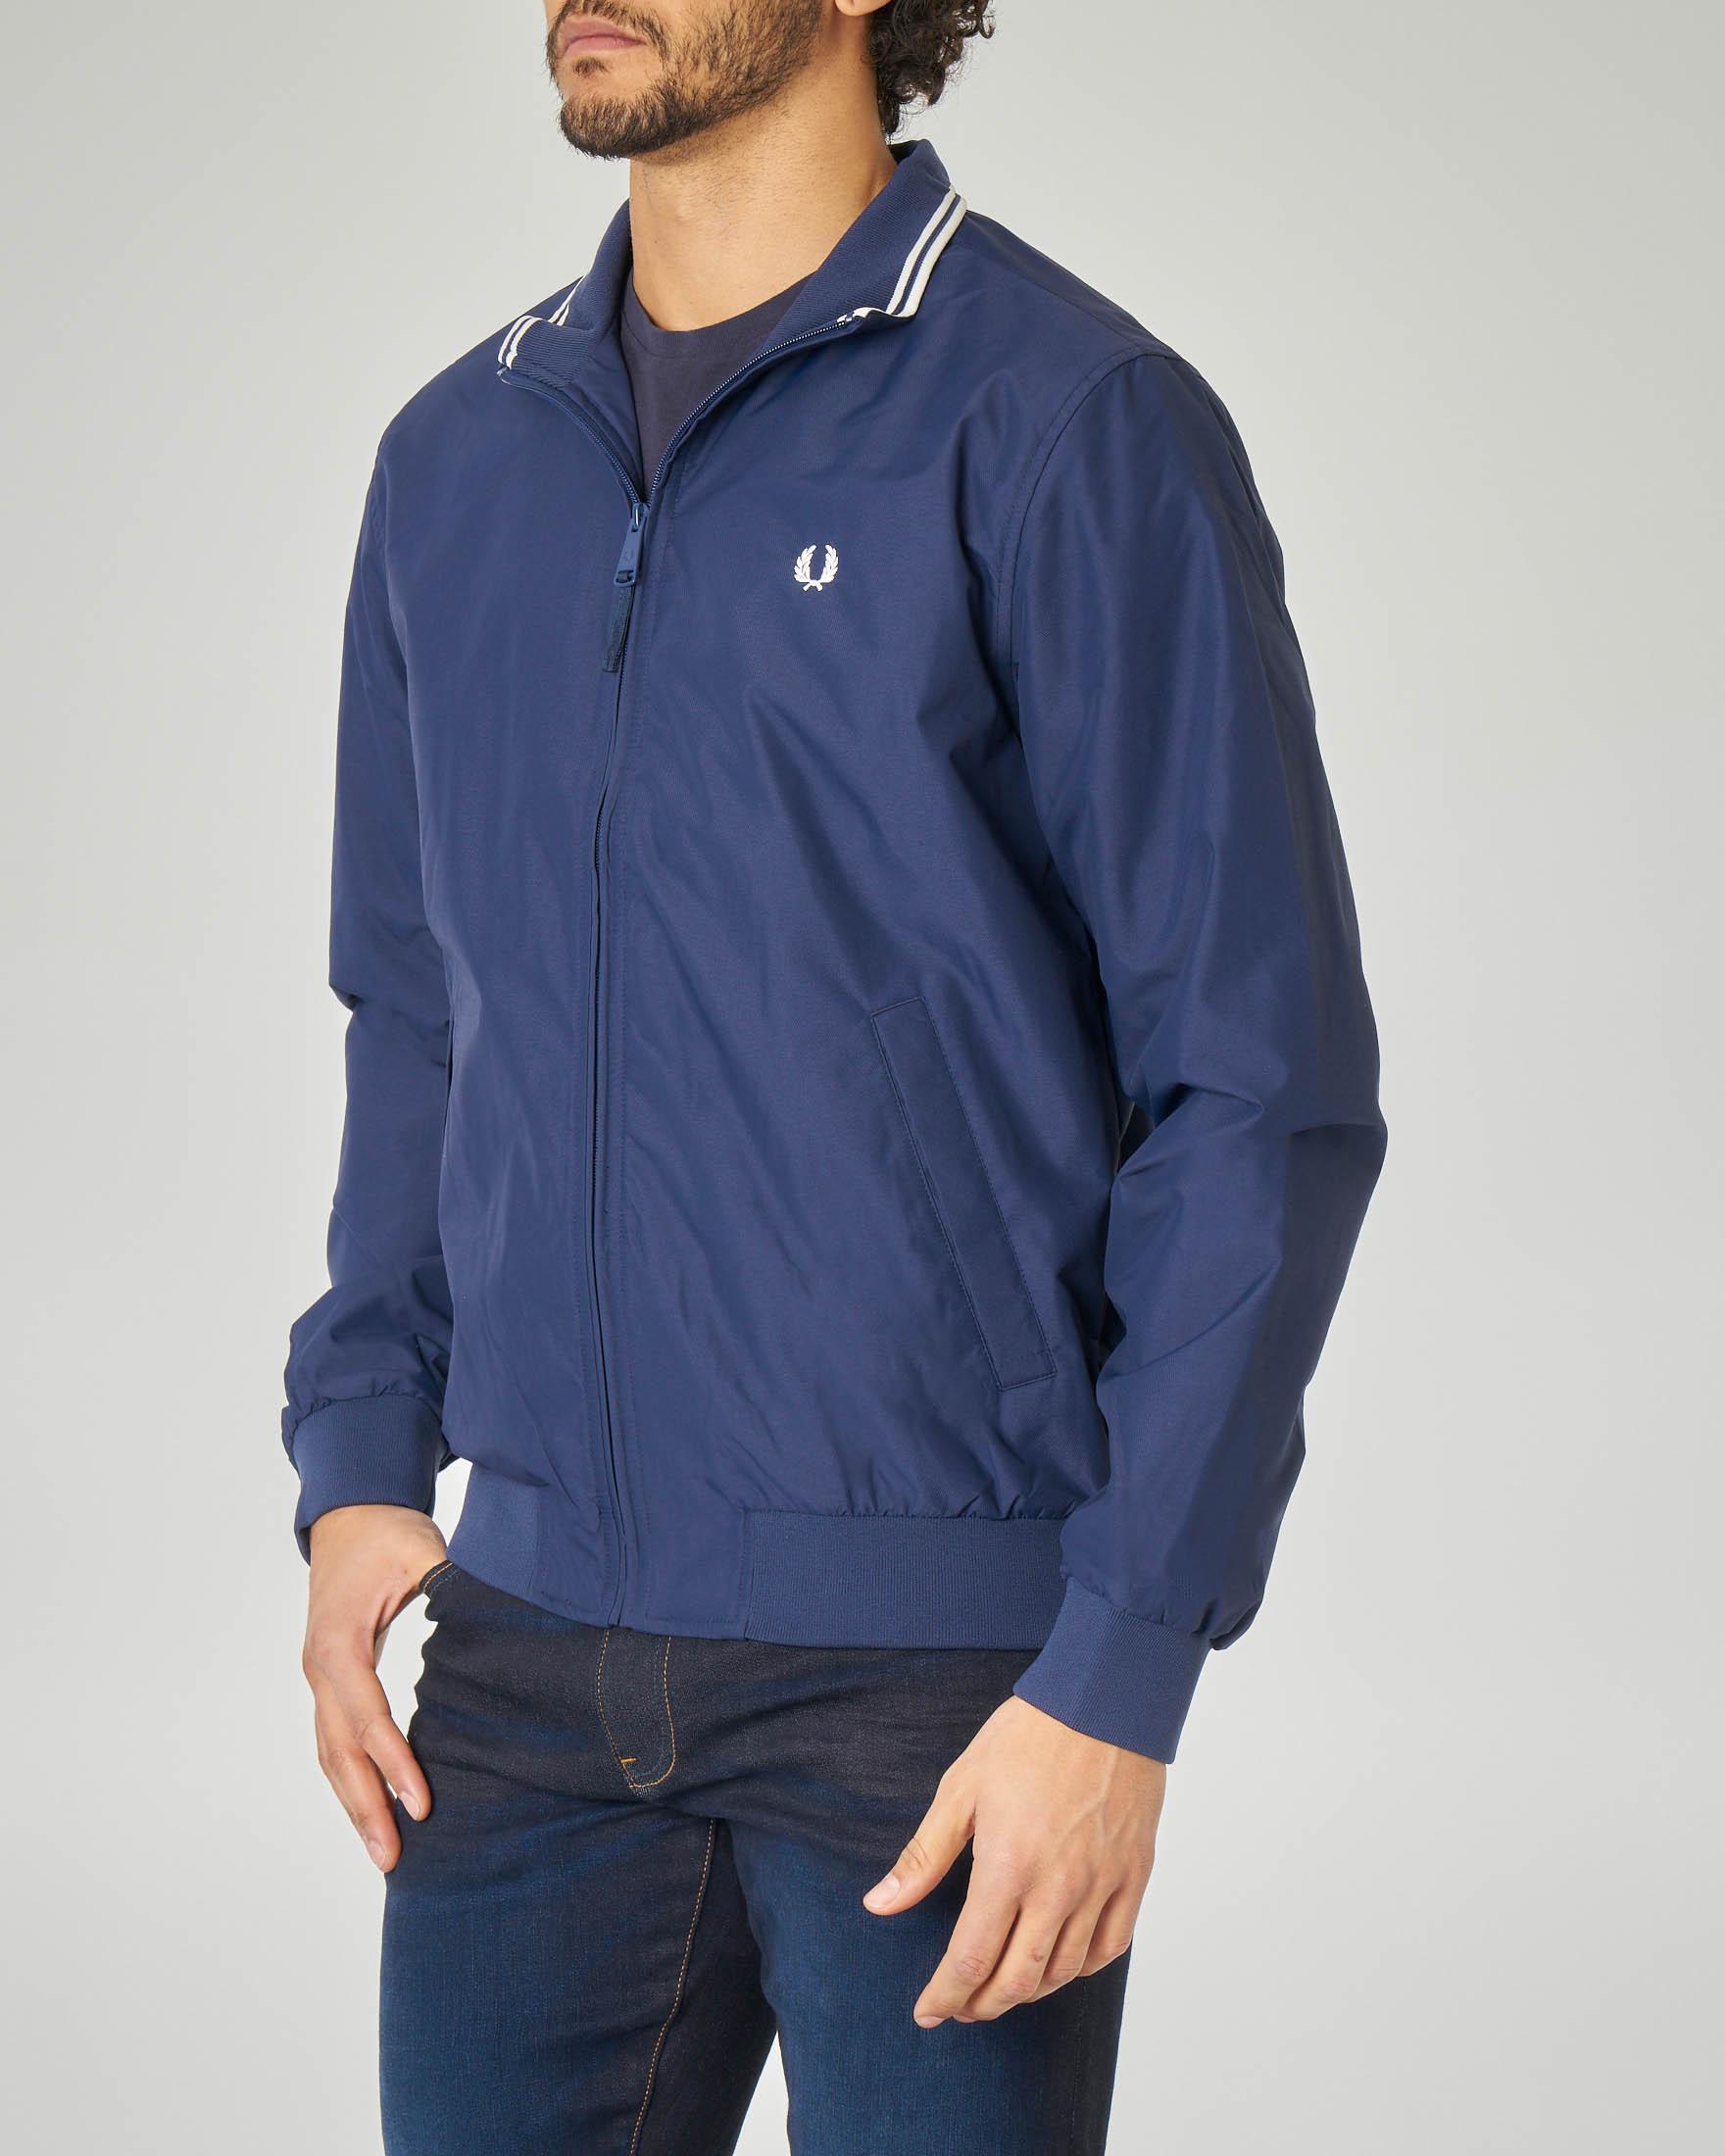 Giacca sailor blu con logo